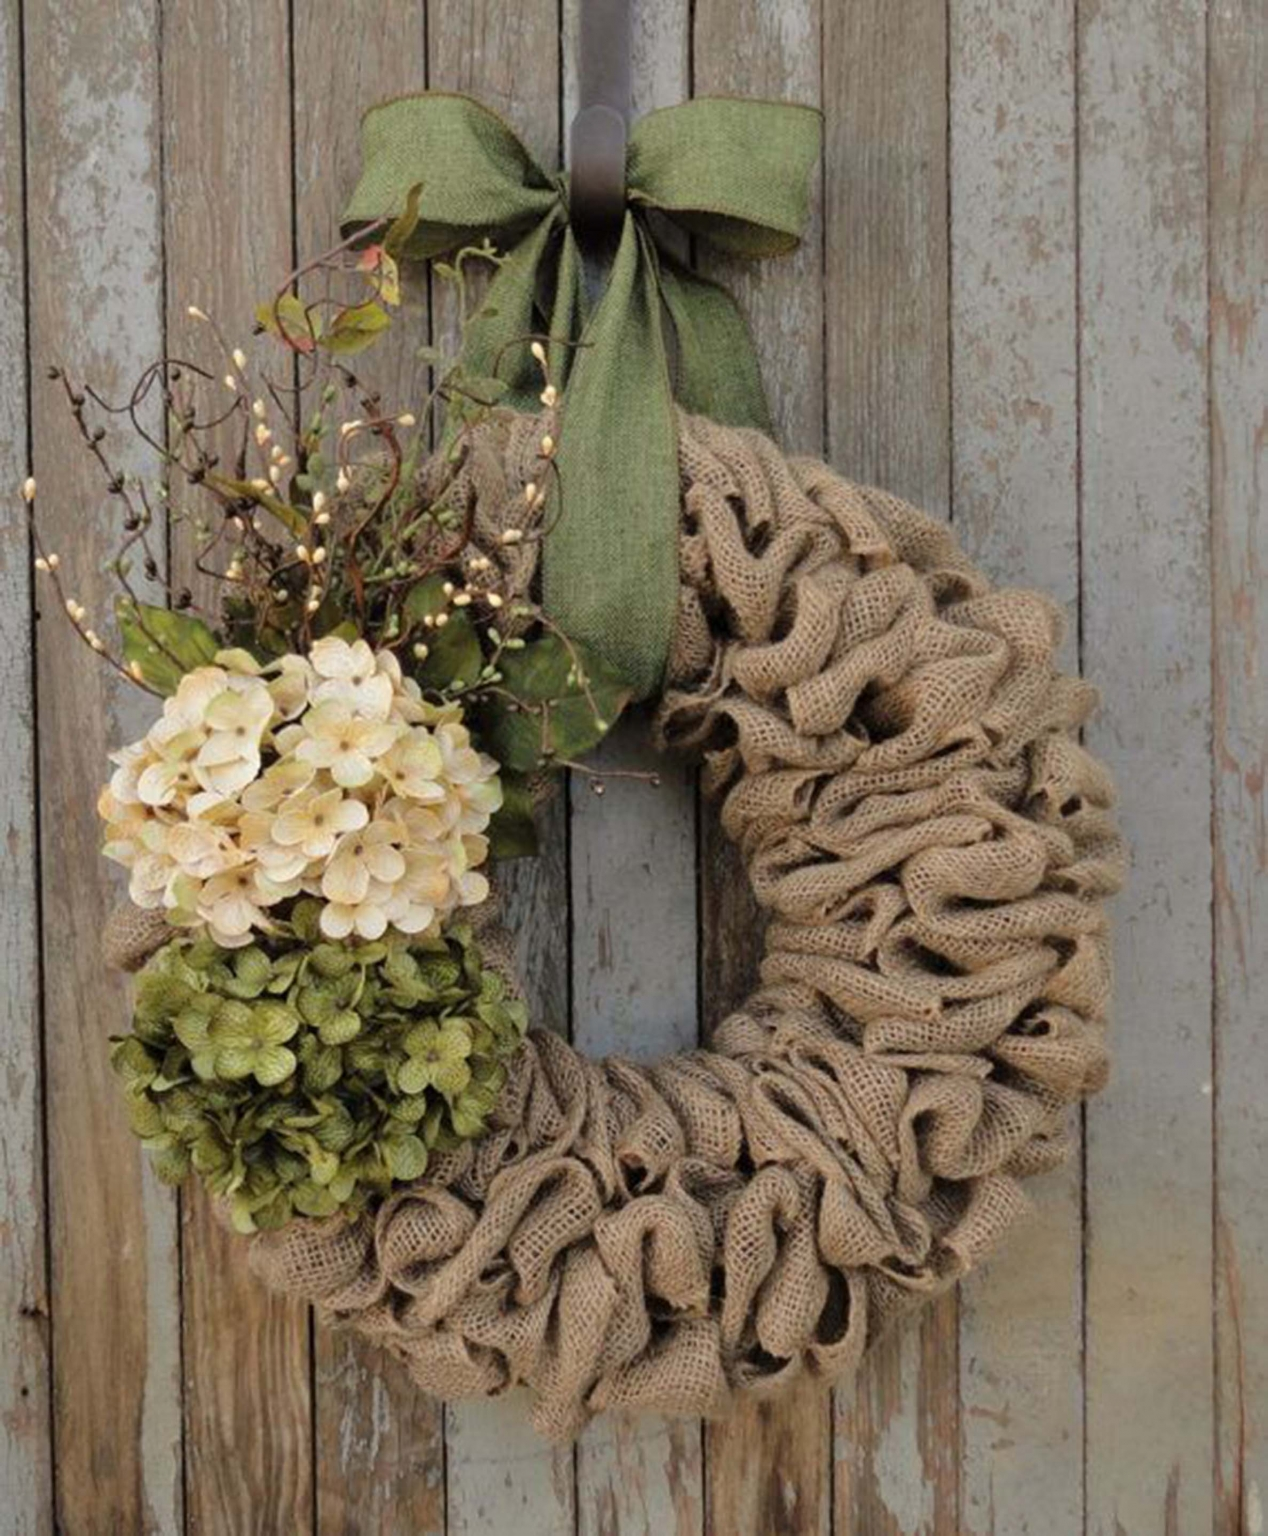 Craft a Burlap Wreath